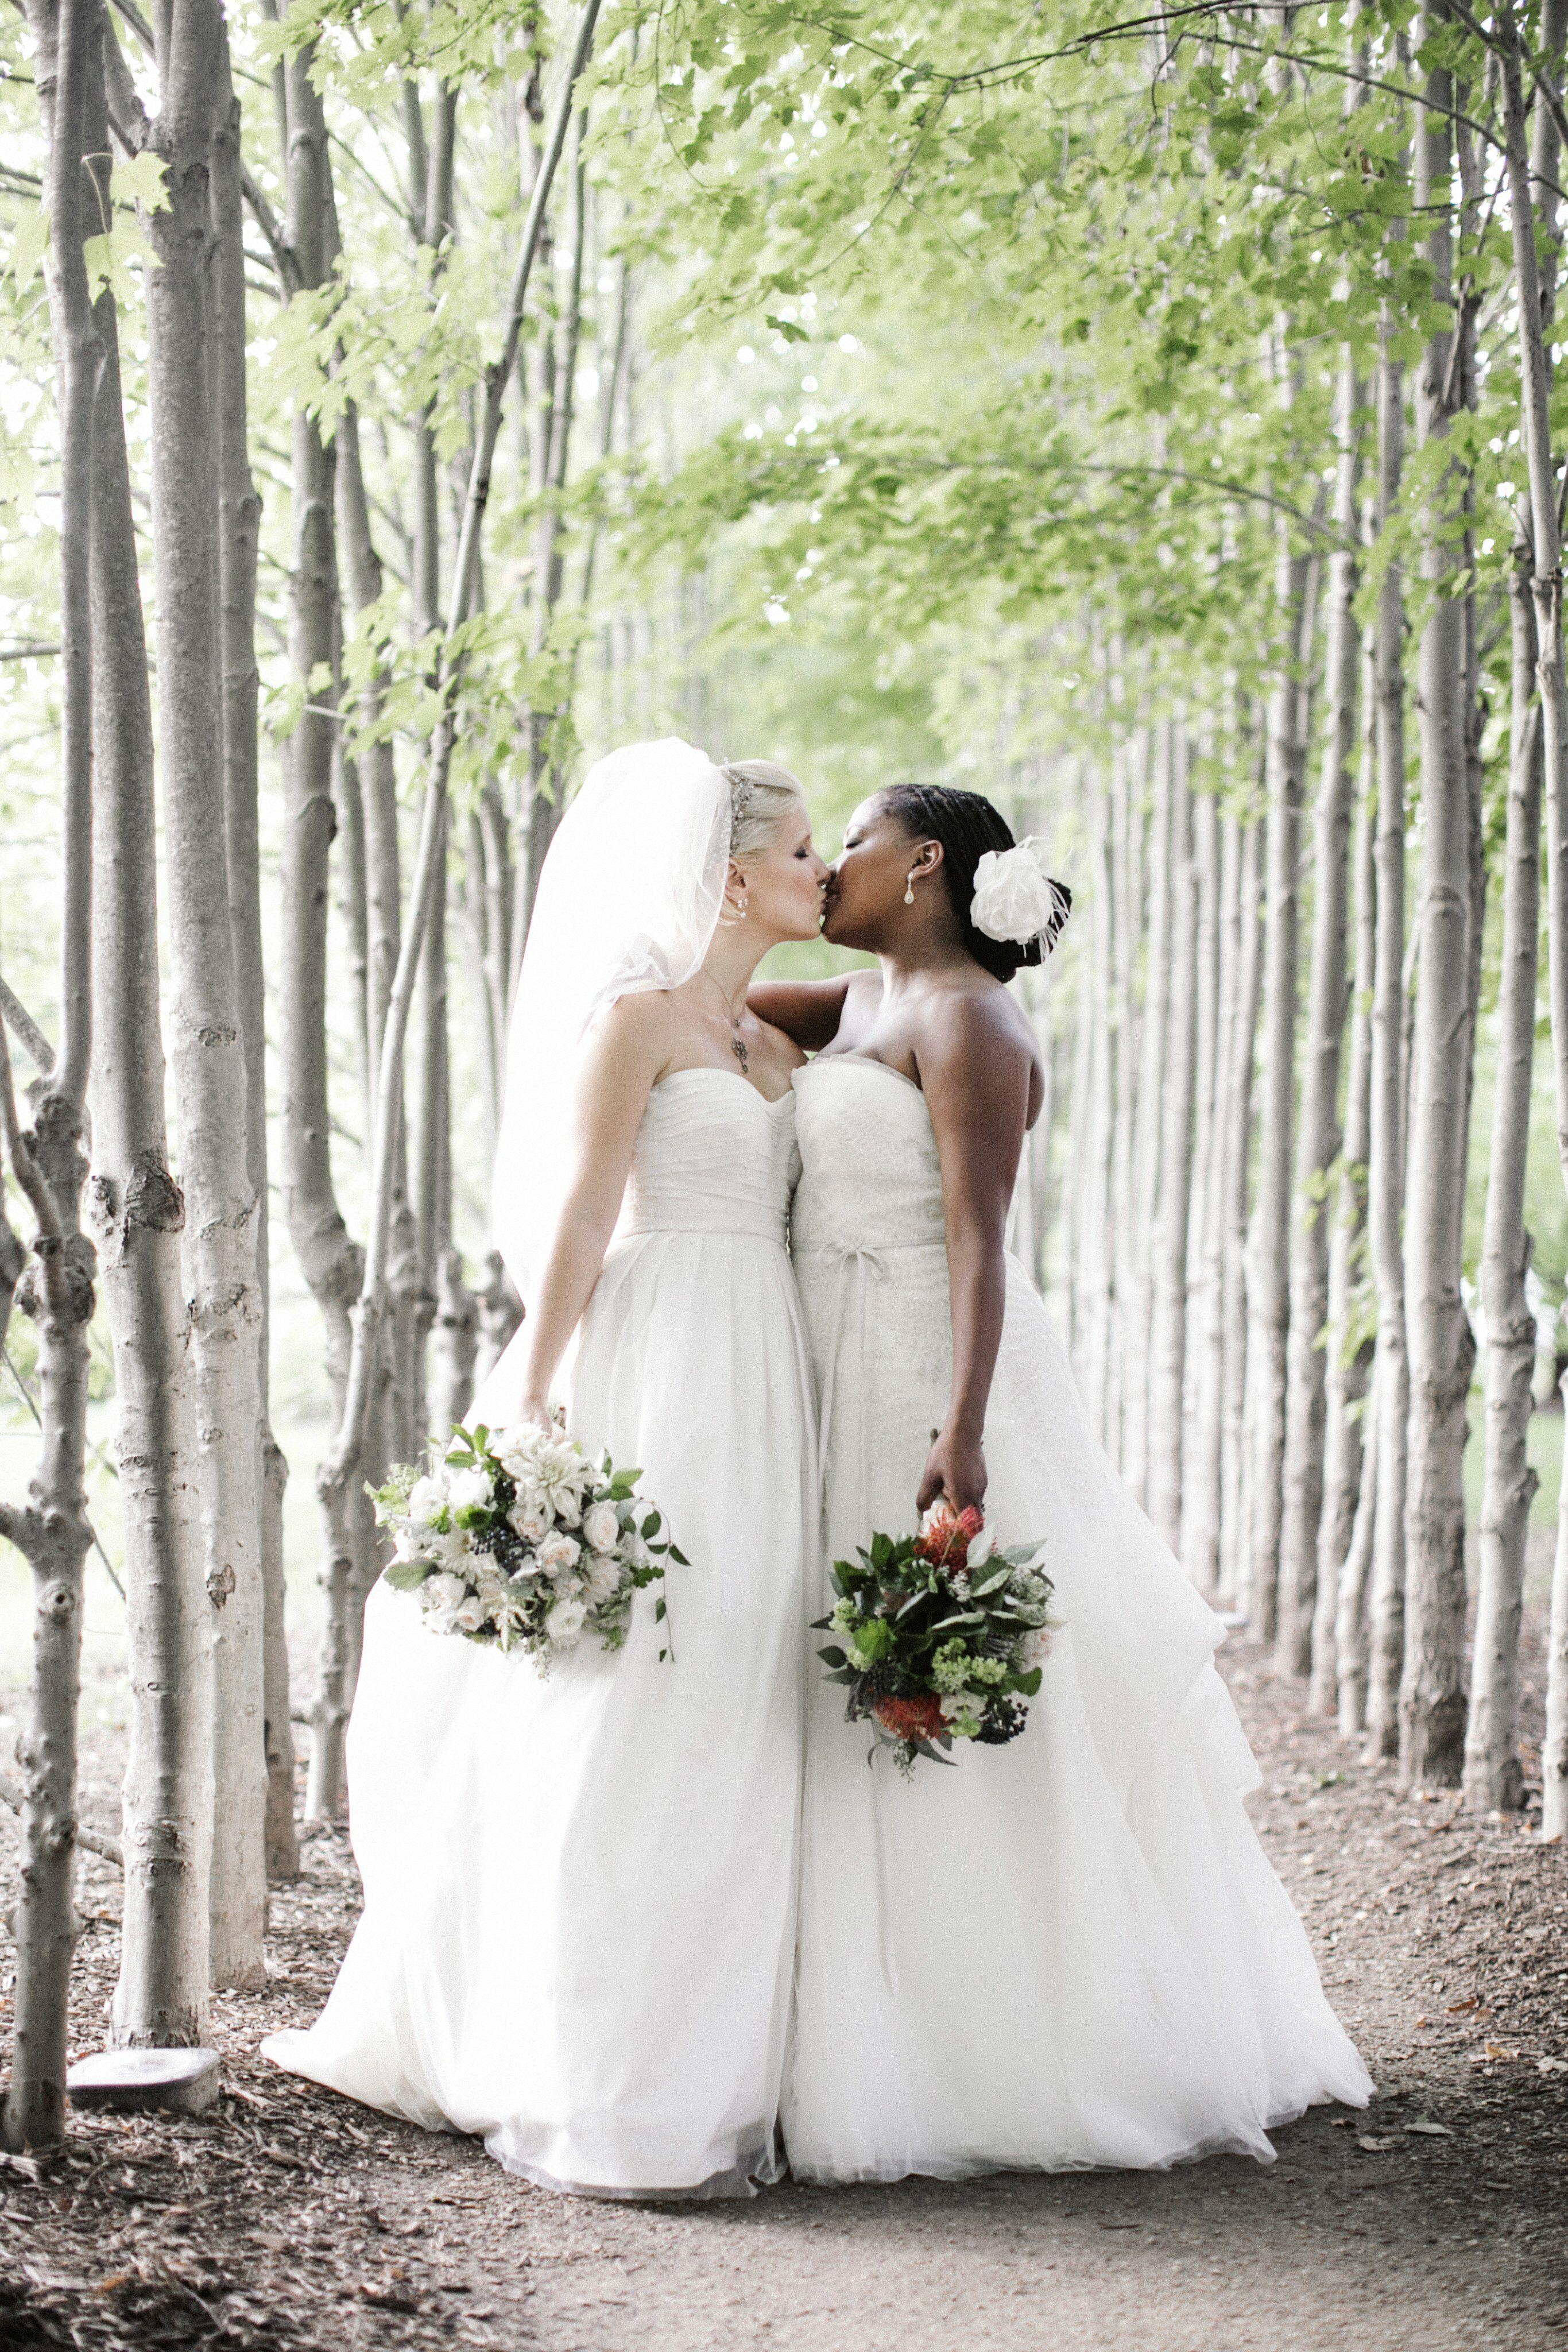 A Romantic Outdoor Wedding In Hamilton, Nj-5791